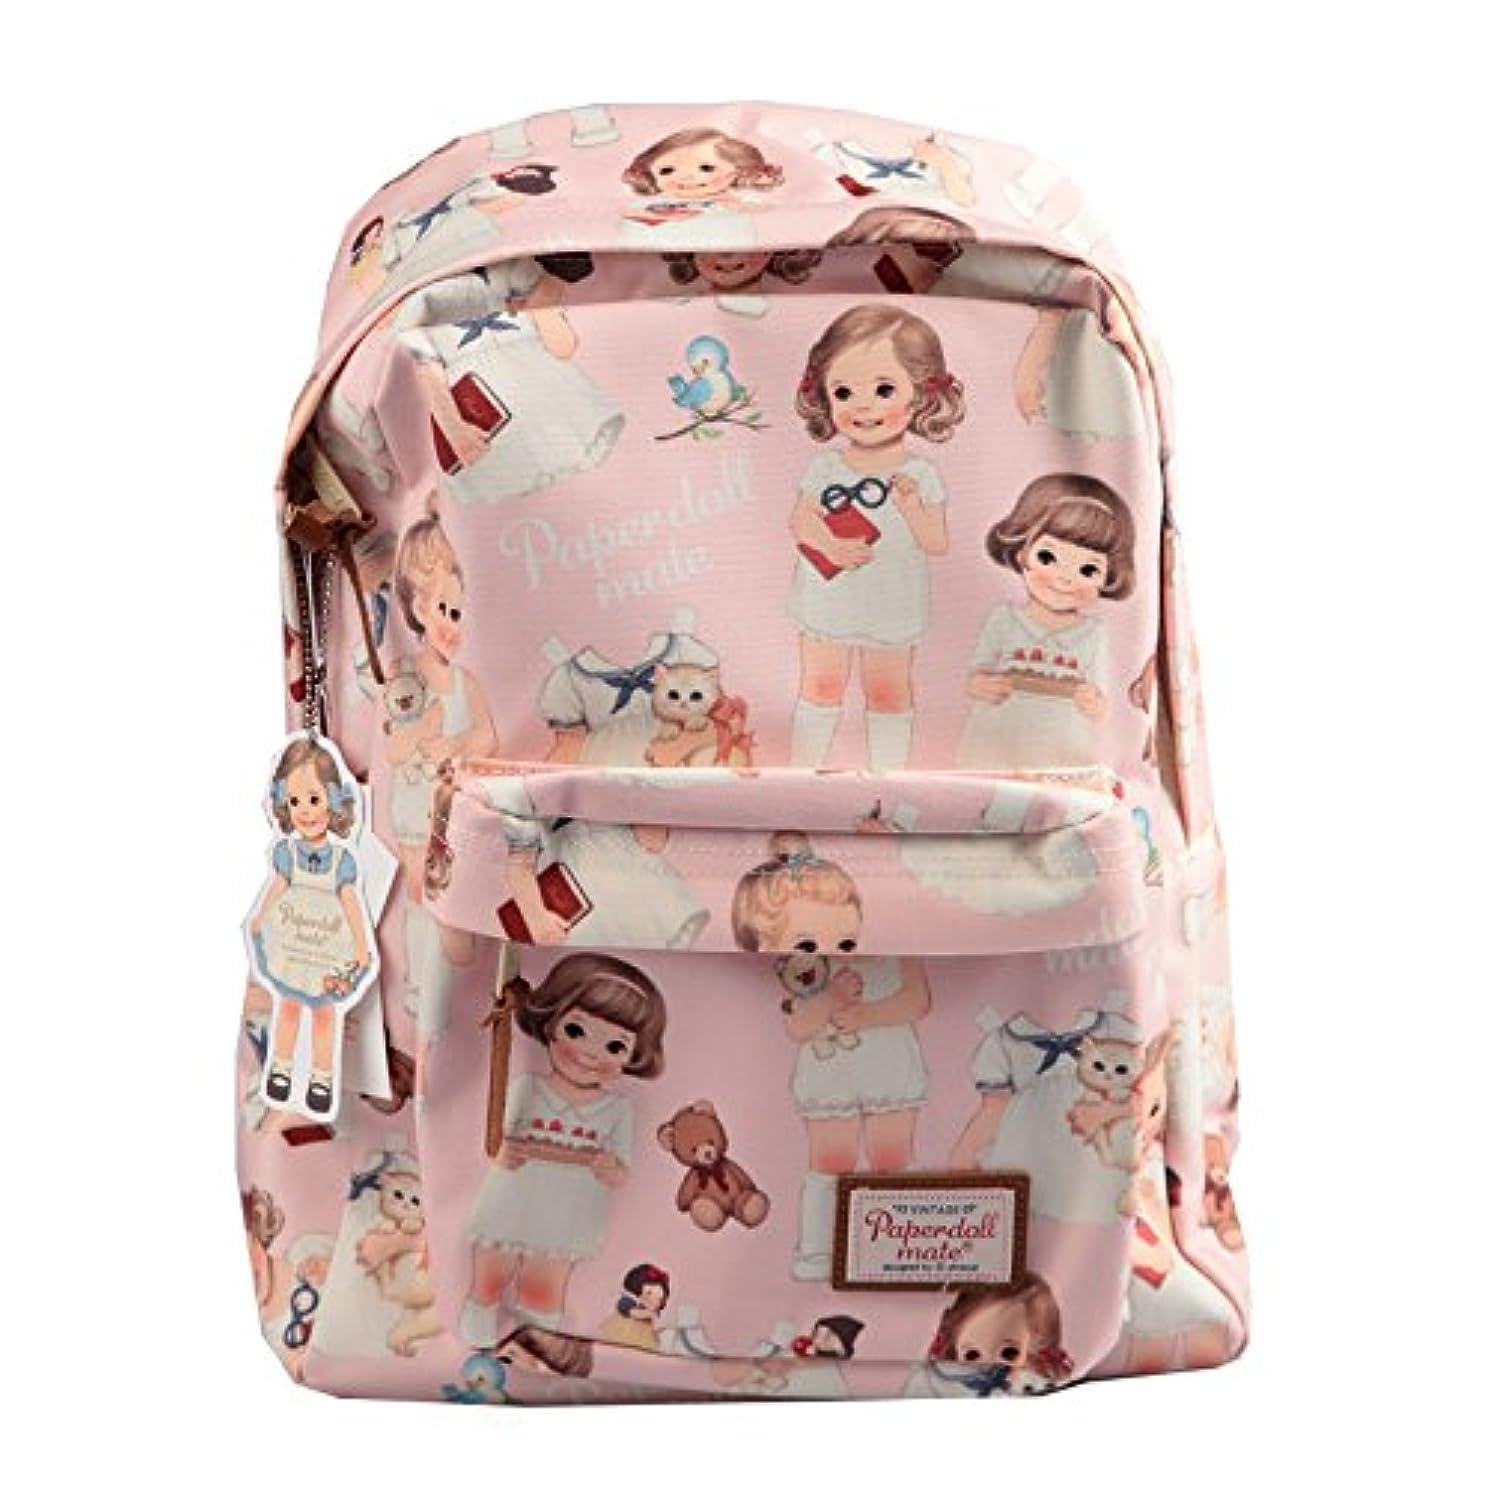 エクステント純粋にしてはいけない[韓国Afrocat] Korea Afrocat Afrocatペーパードールメイトの女性のバックパックバッグ (Afrocat Paper Doll Mate Women's Backpack Bag) (ピンク)...